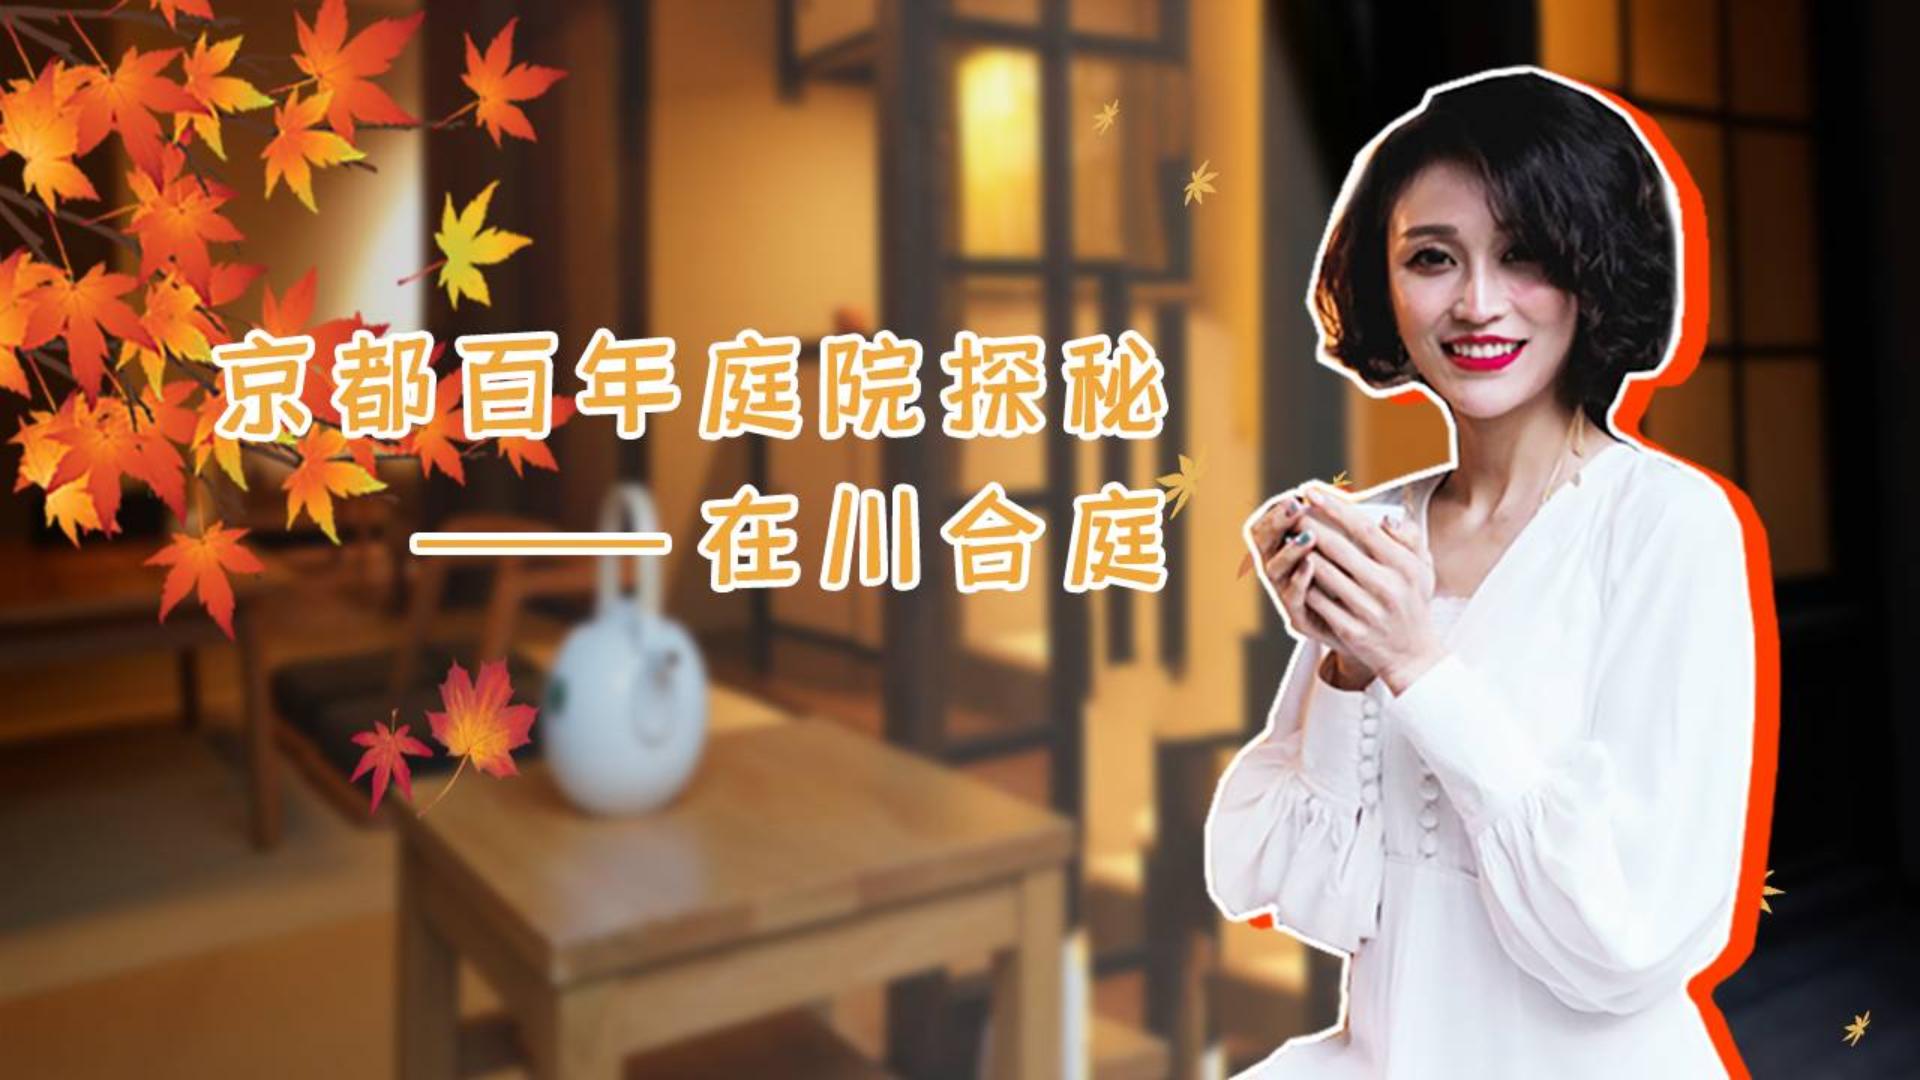 【科普】在川日式百年庭院,观山水品清茶,是你梦寐以求的生活吗?【洋房姐姐】